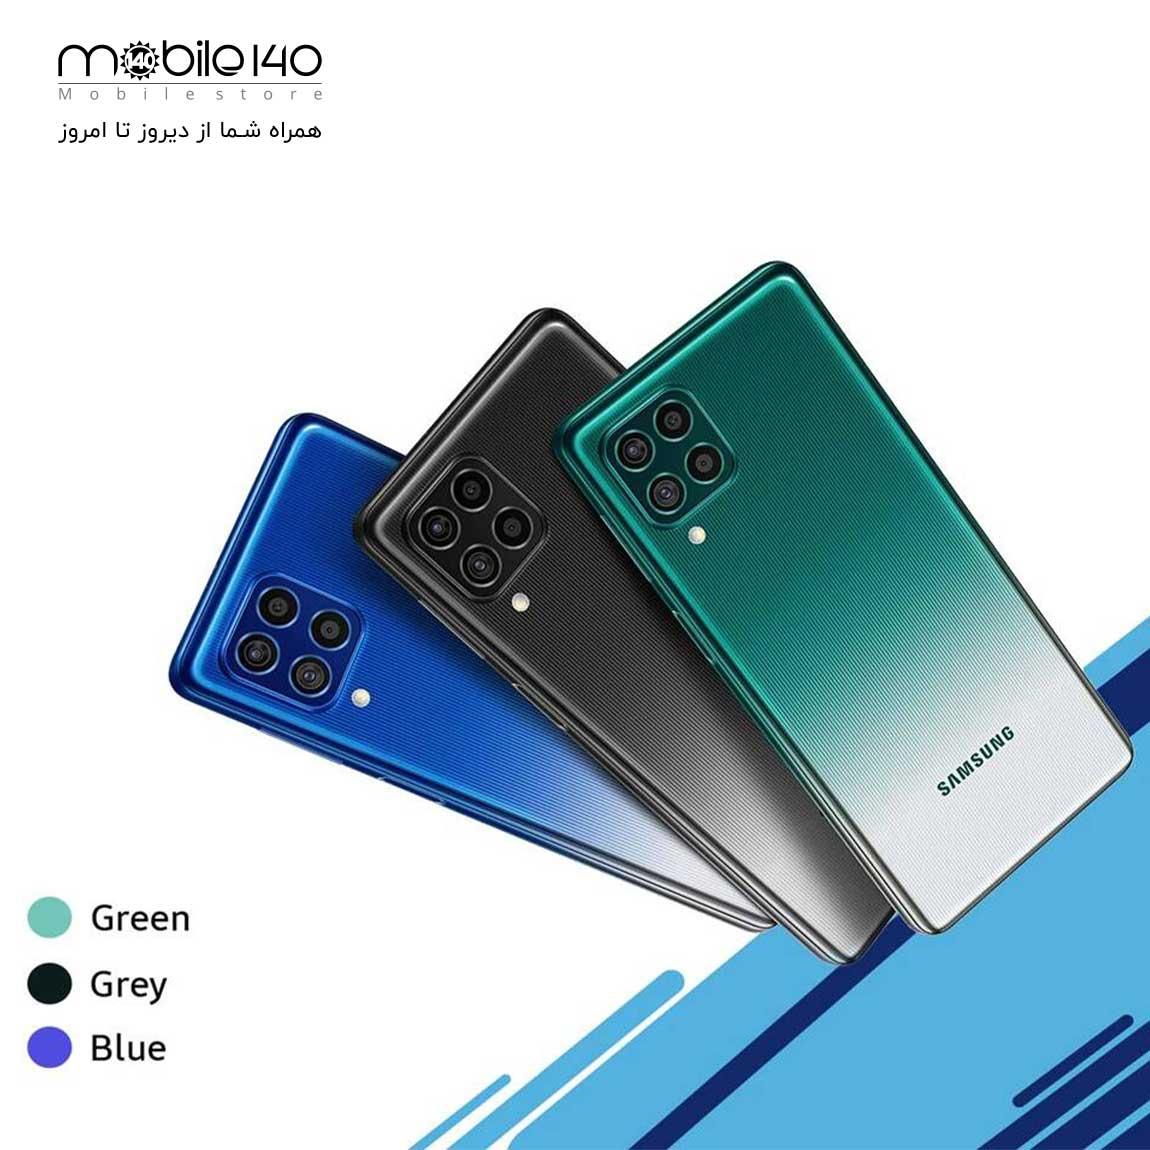 برای M62 طیف رنگی آبی لیزری، سبز لیزری و خاکستری لیزری در نظر گرفته شده است.